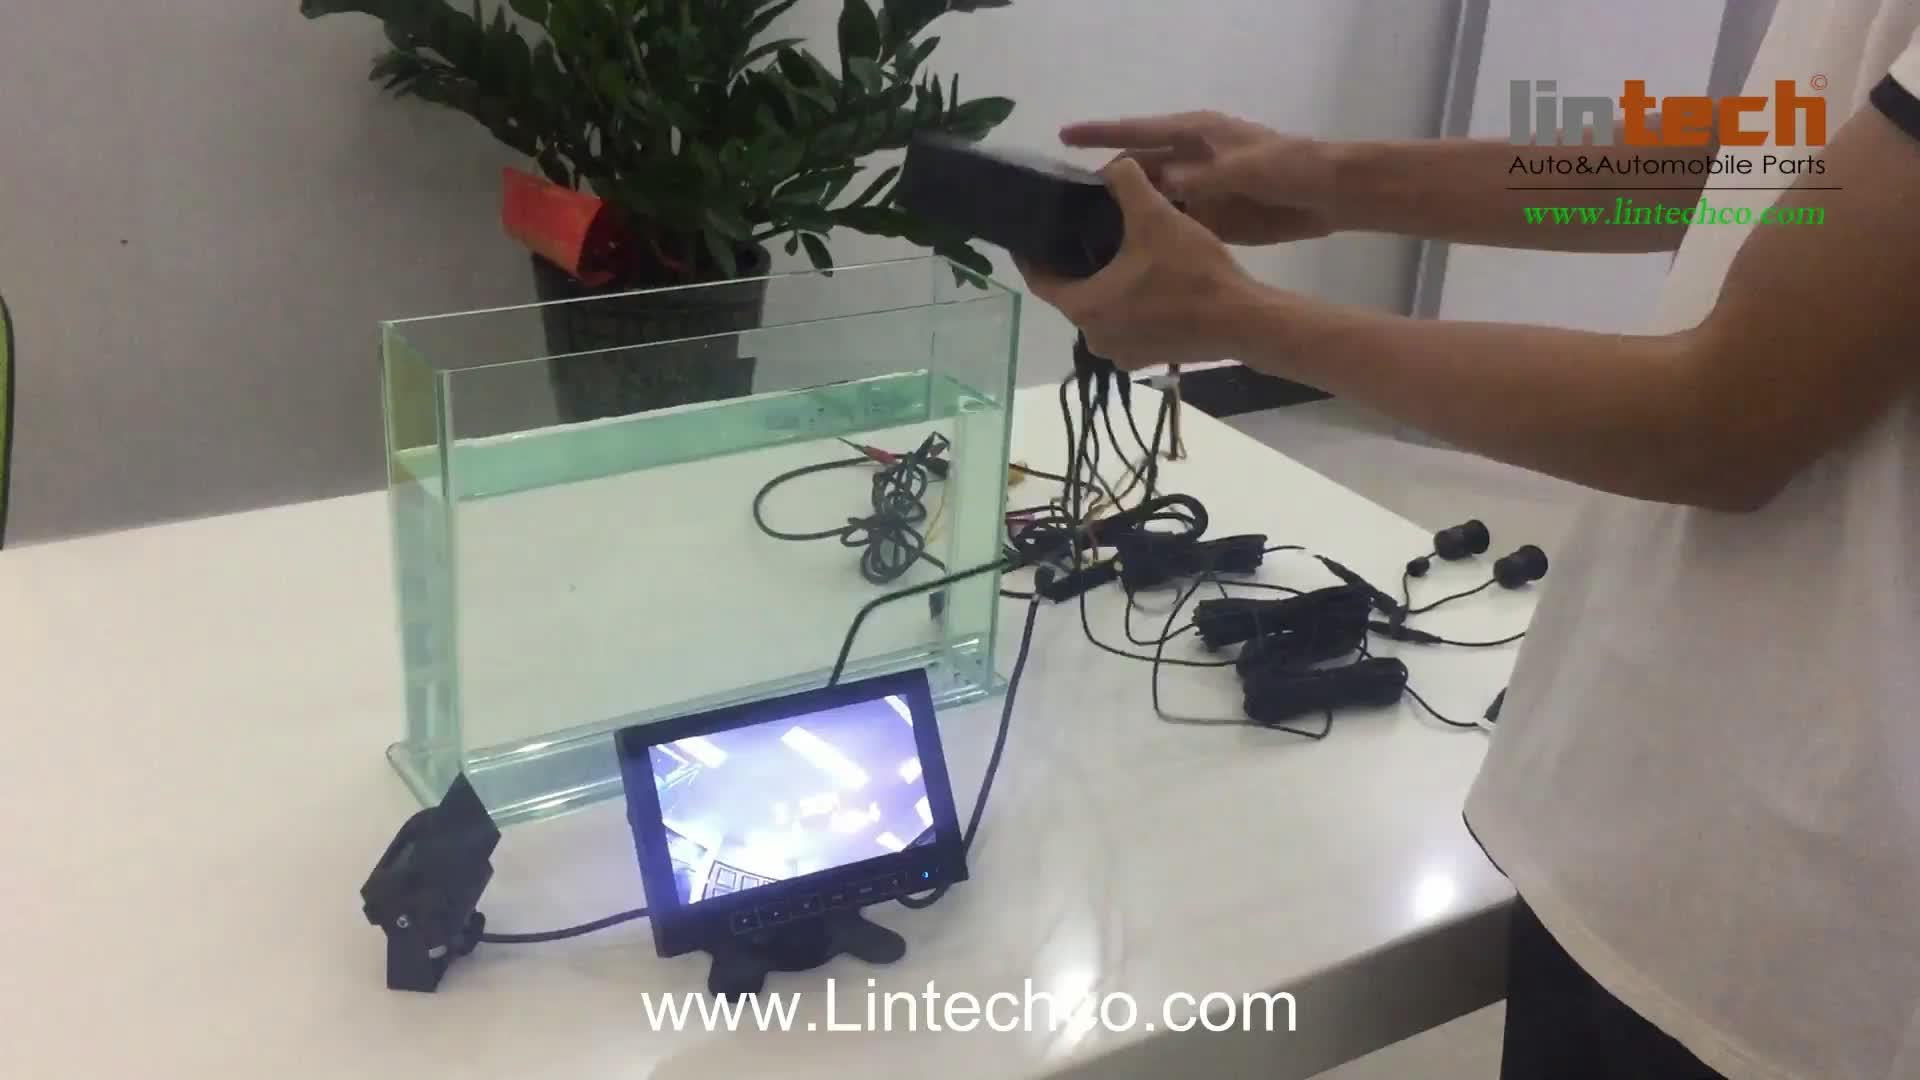 Lange Voertuig Parking Sensor 7 Inch Monitor Camera 3-5 Meter Lange Bereik Zoemer Parkeer Sensor Systeem prijs